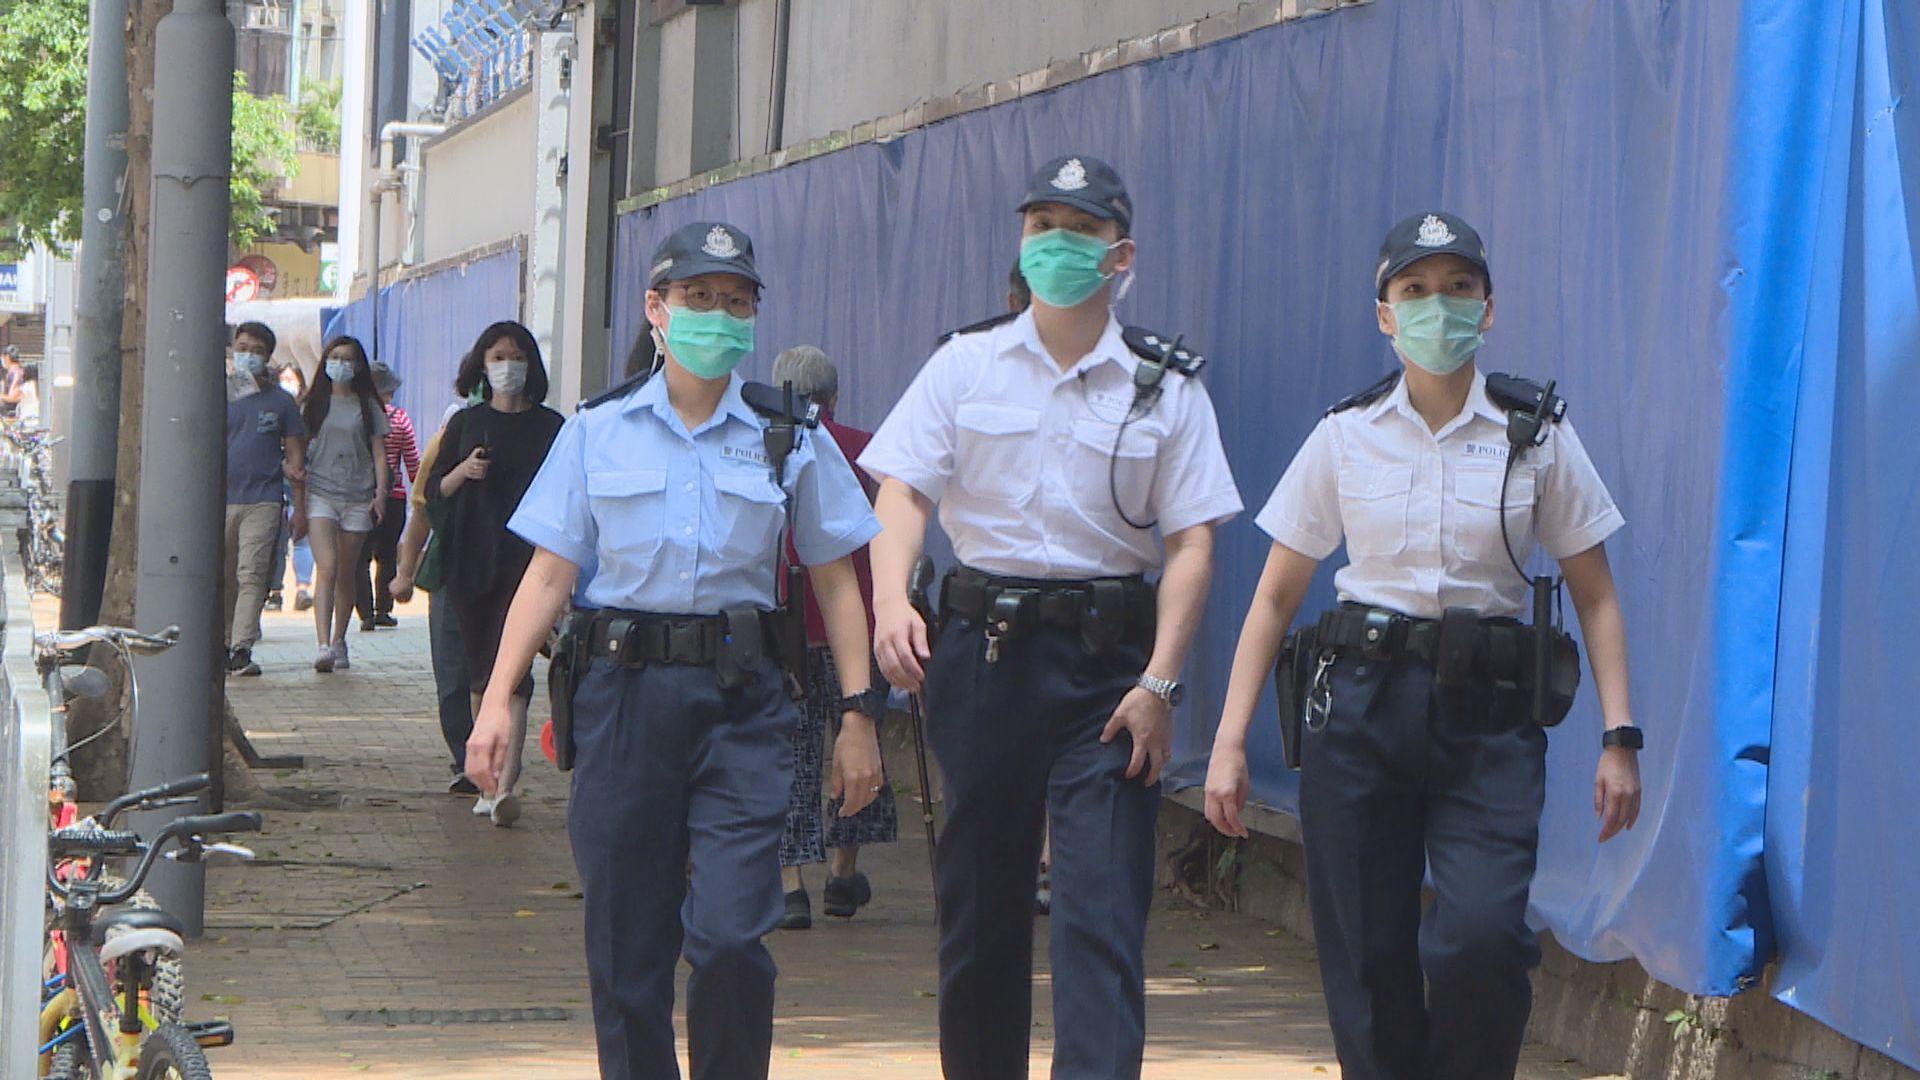 粉嶺公路兩死車禍 官批作供警員忘記警察通例